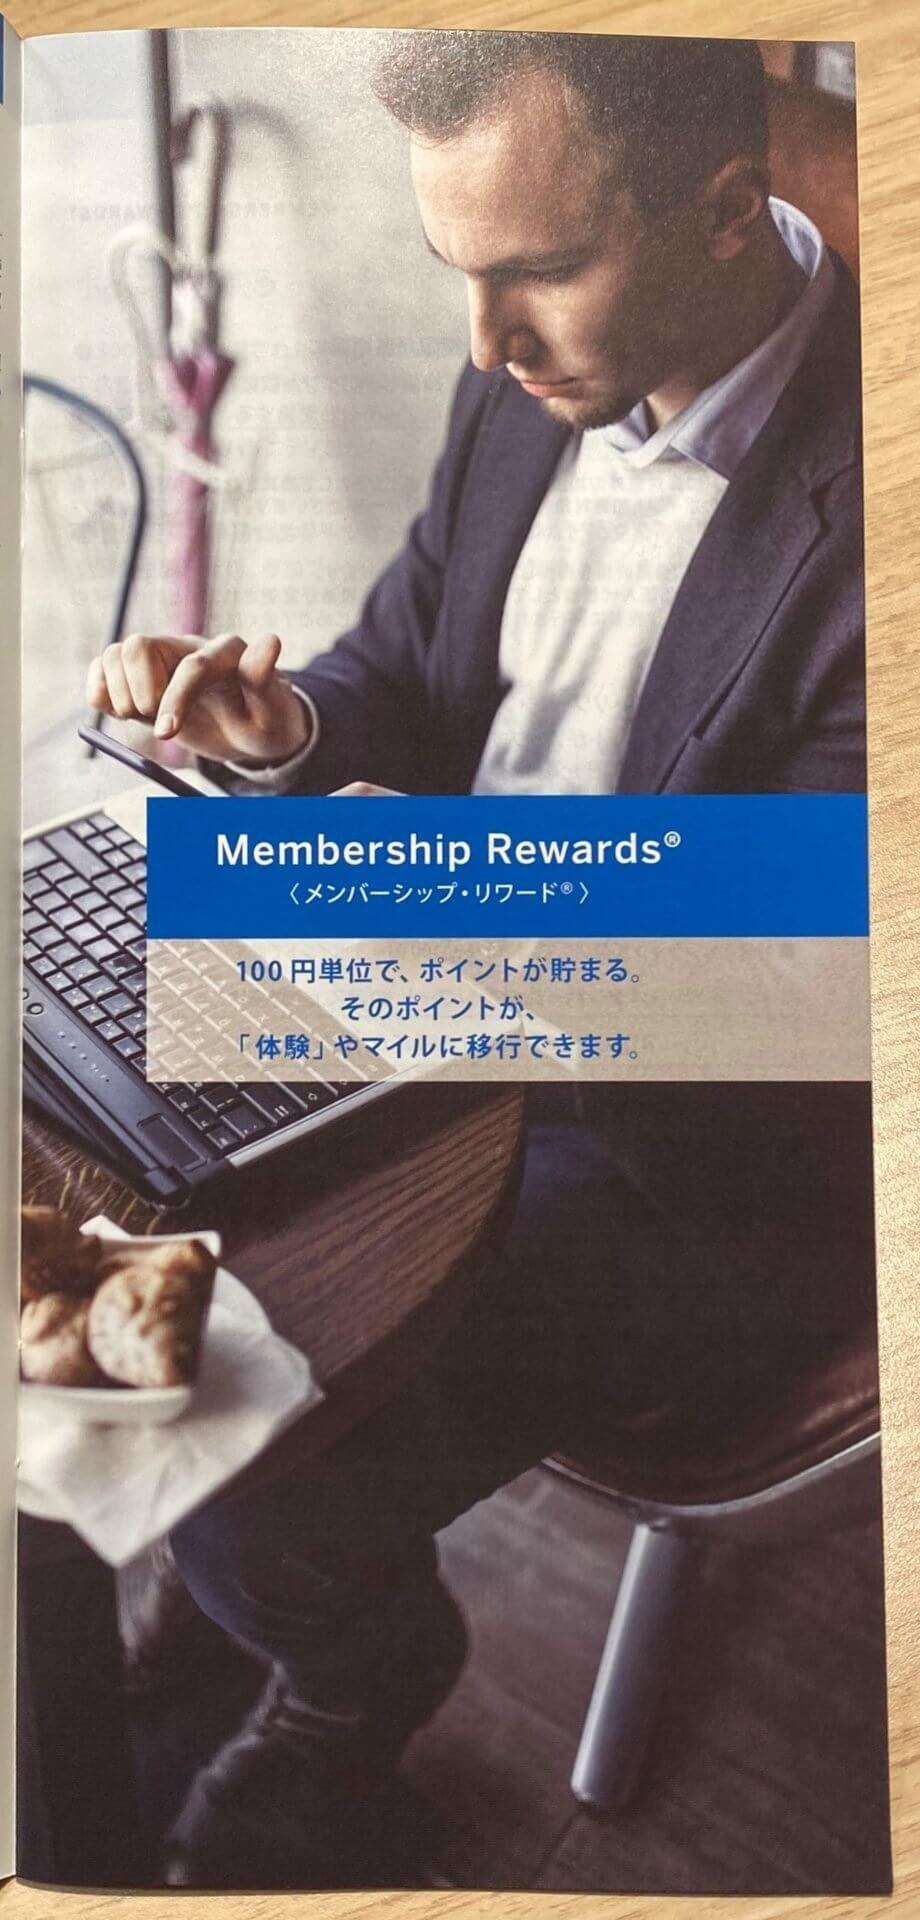 アメックスビジネスカードのポイント「メンバーシップ・リワード」